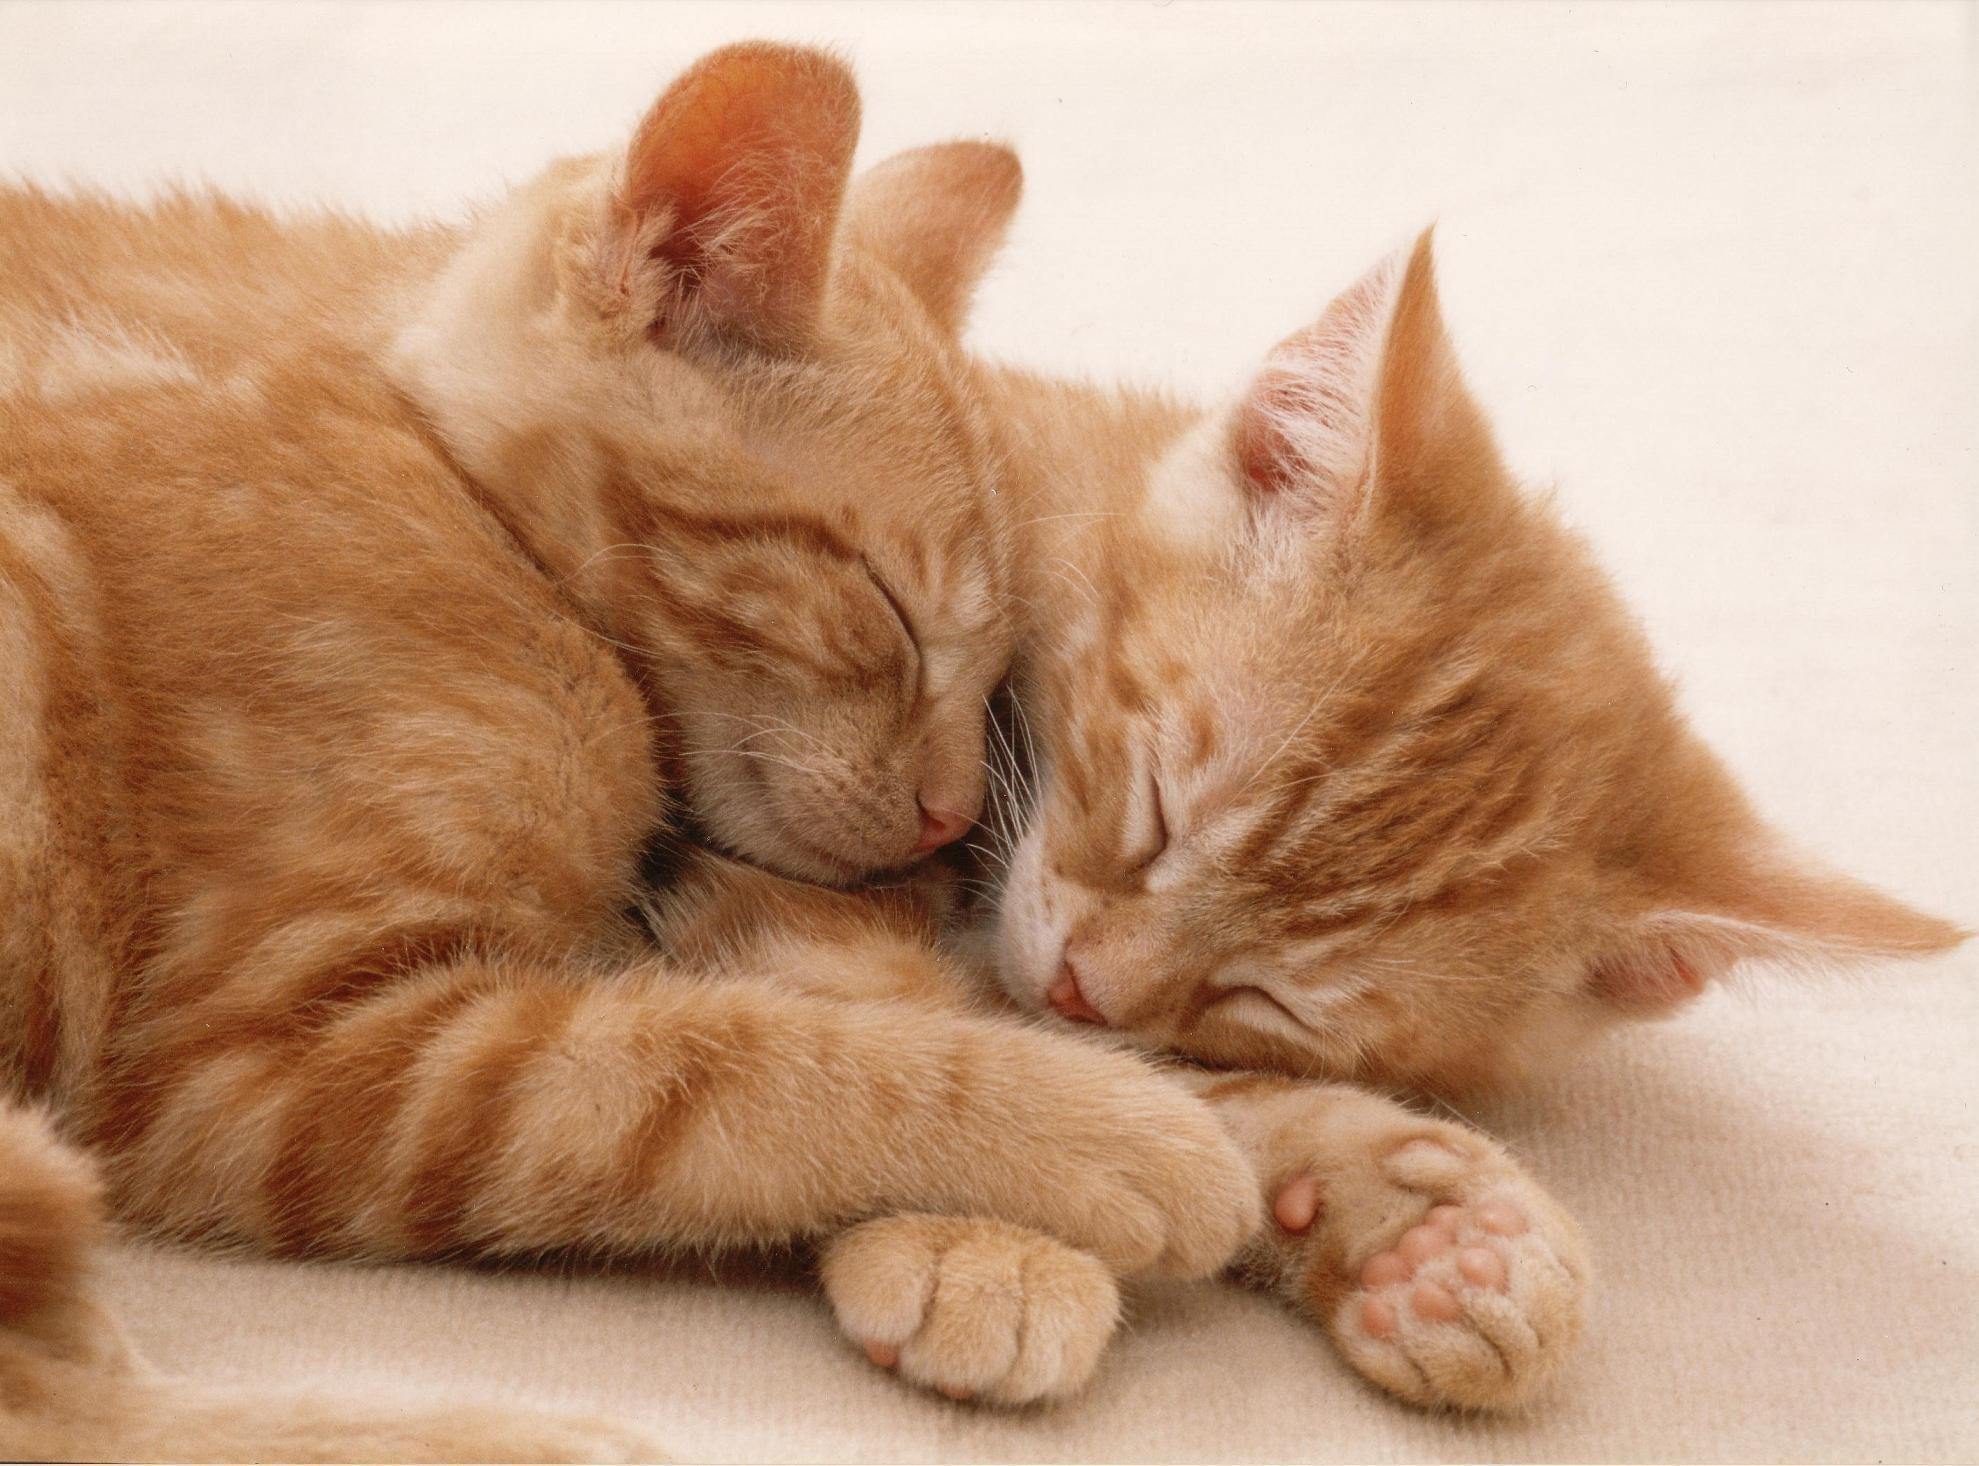 Pin Von Marion Auf Kitties Katzen Schlafende Katze Katzenbabys